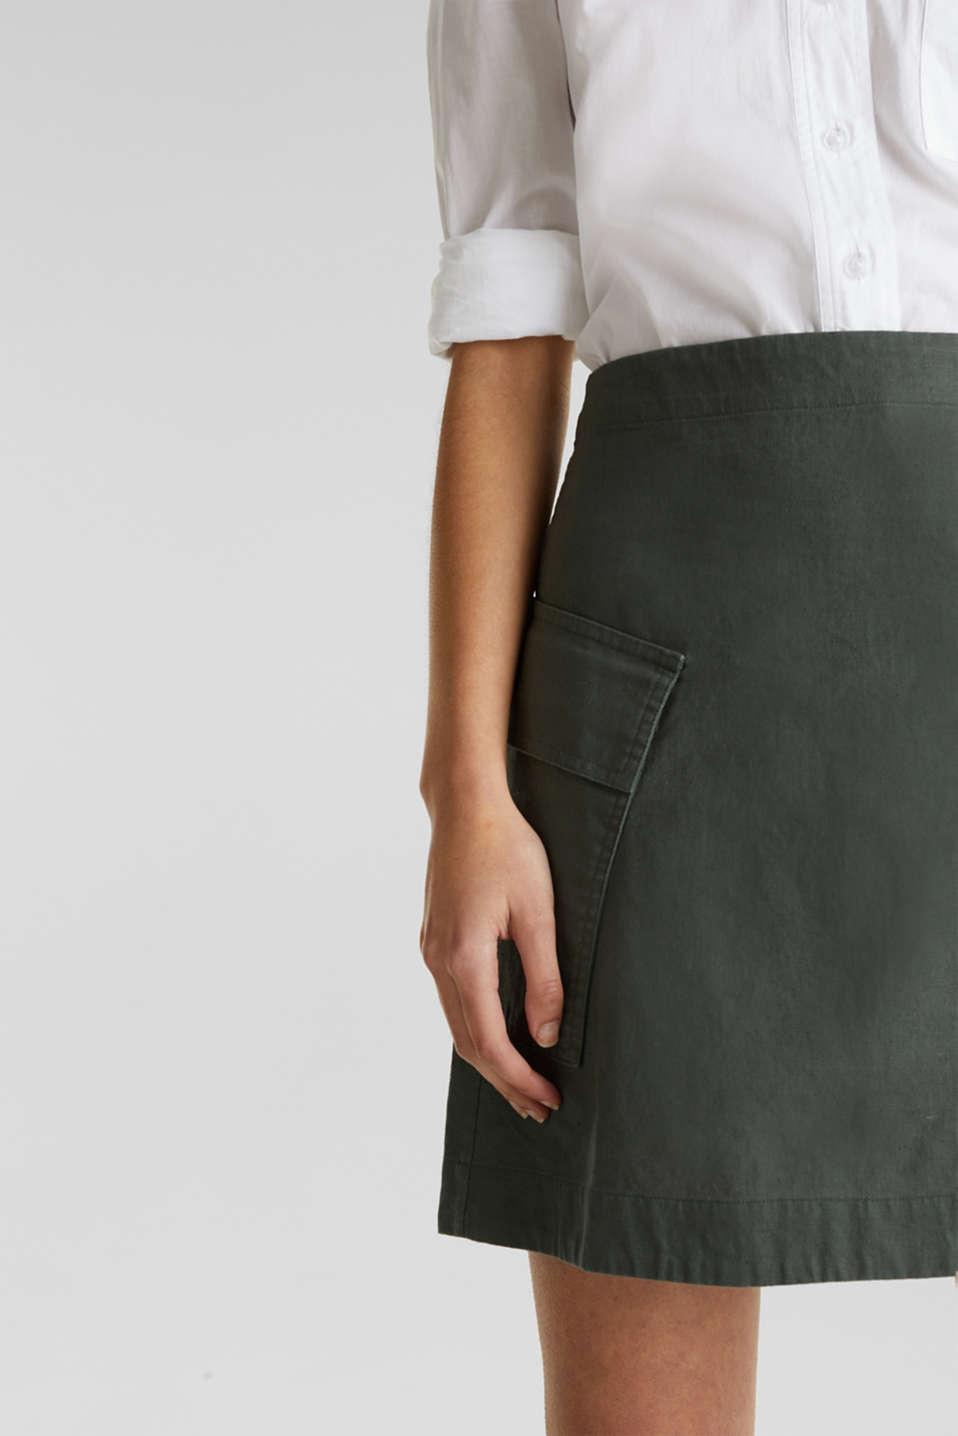 Cargo-style skirt in blended linen, KHAKI GREEN, detail image number 2